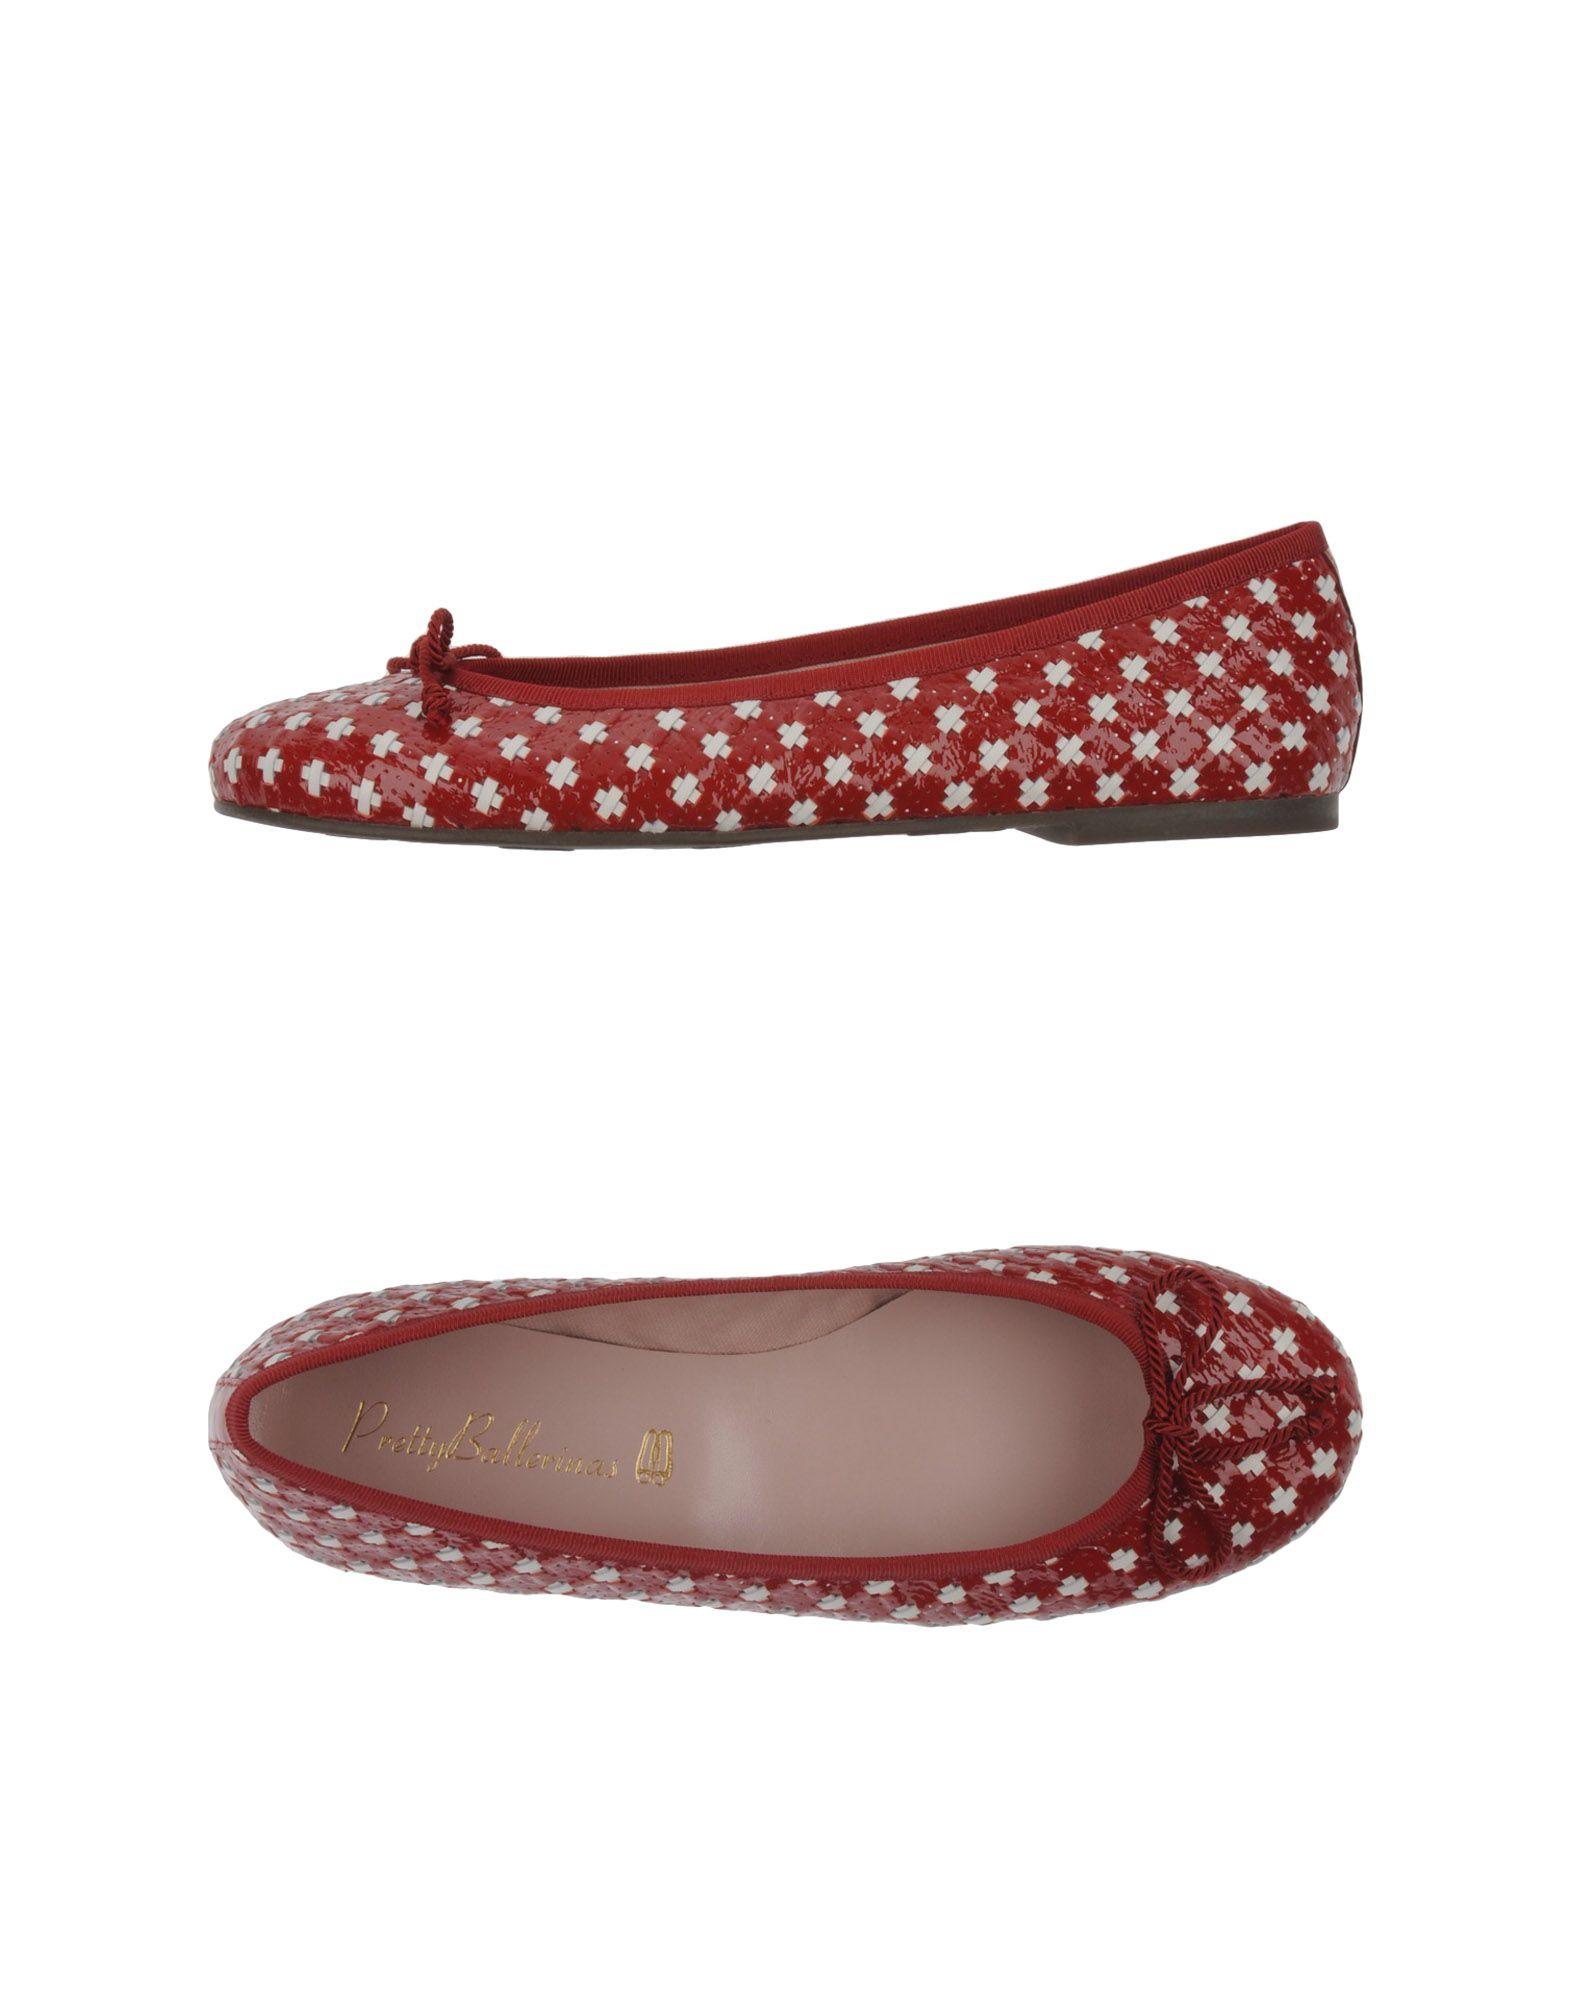 Flats Shoes Rue